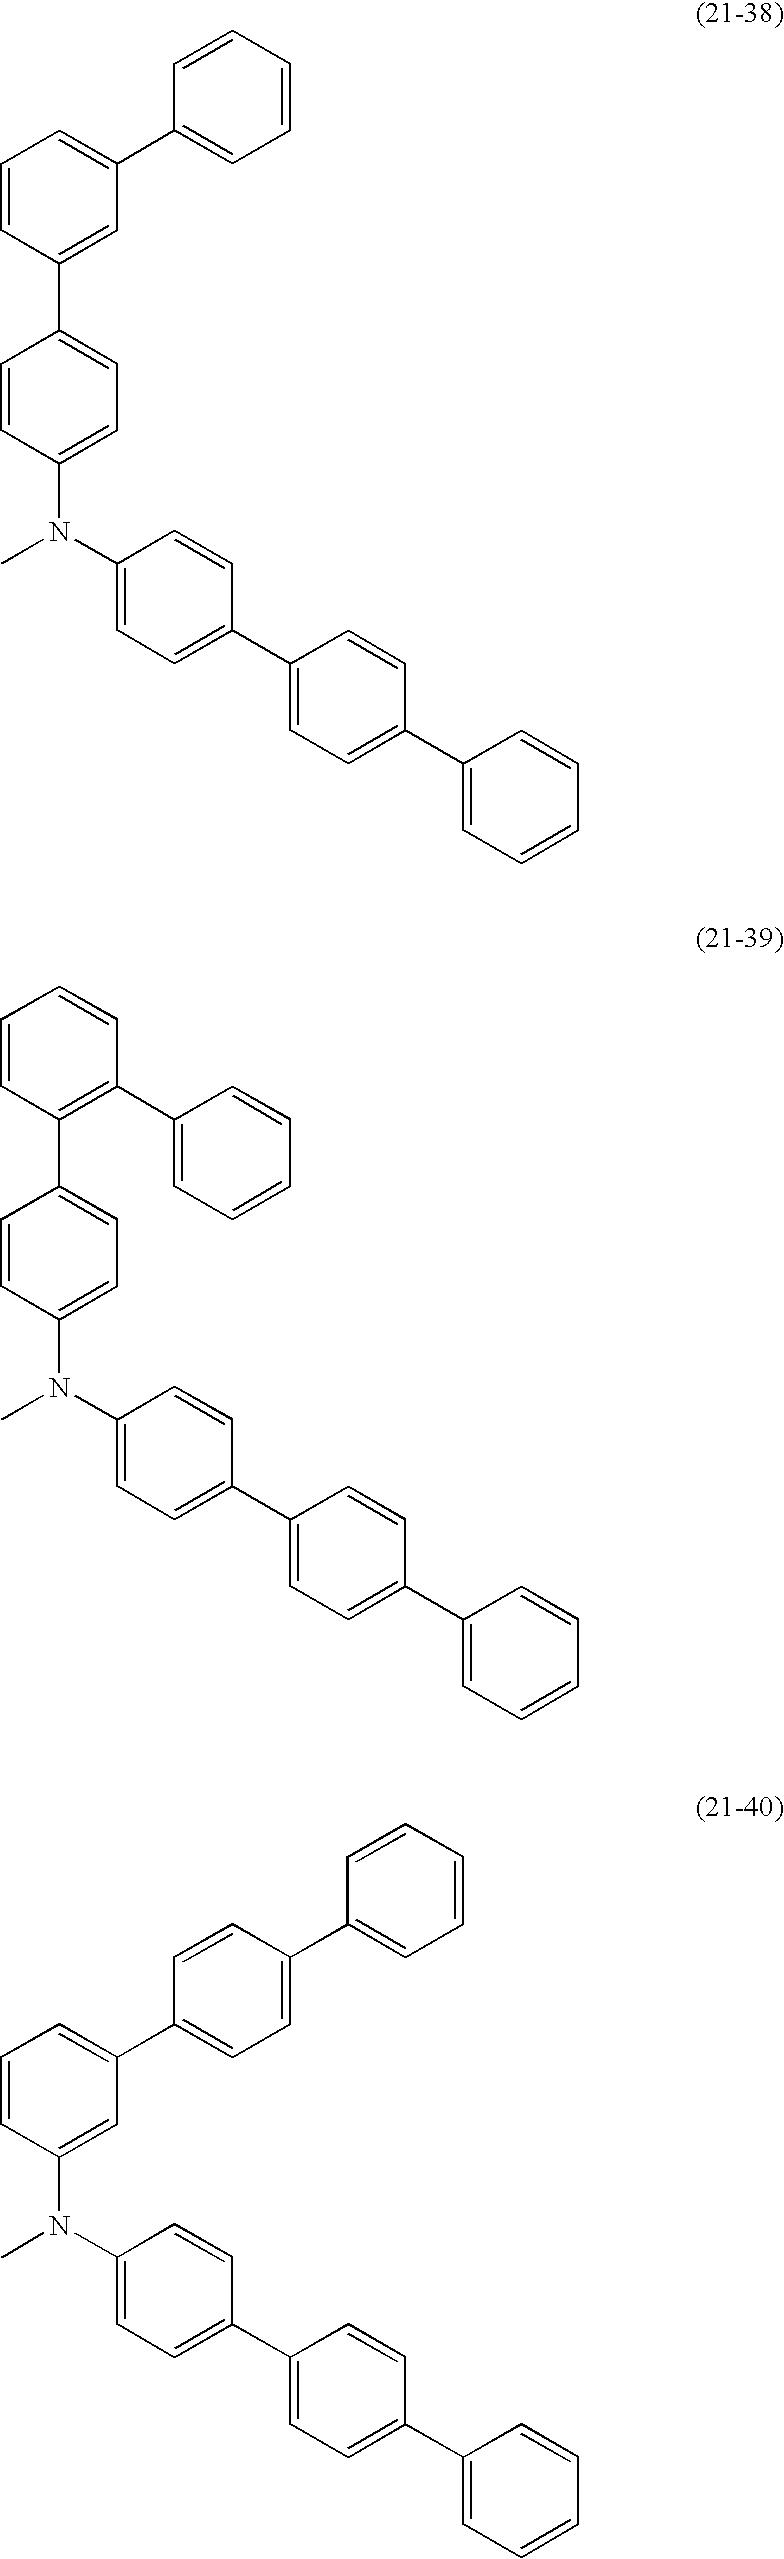 Figure US08178216-20120515-C00026